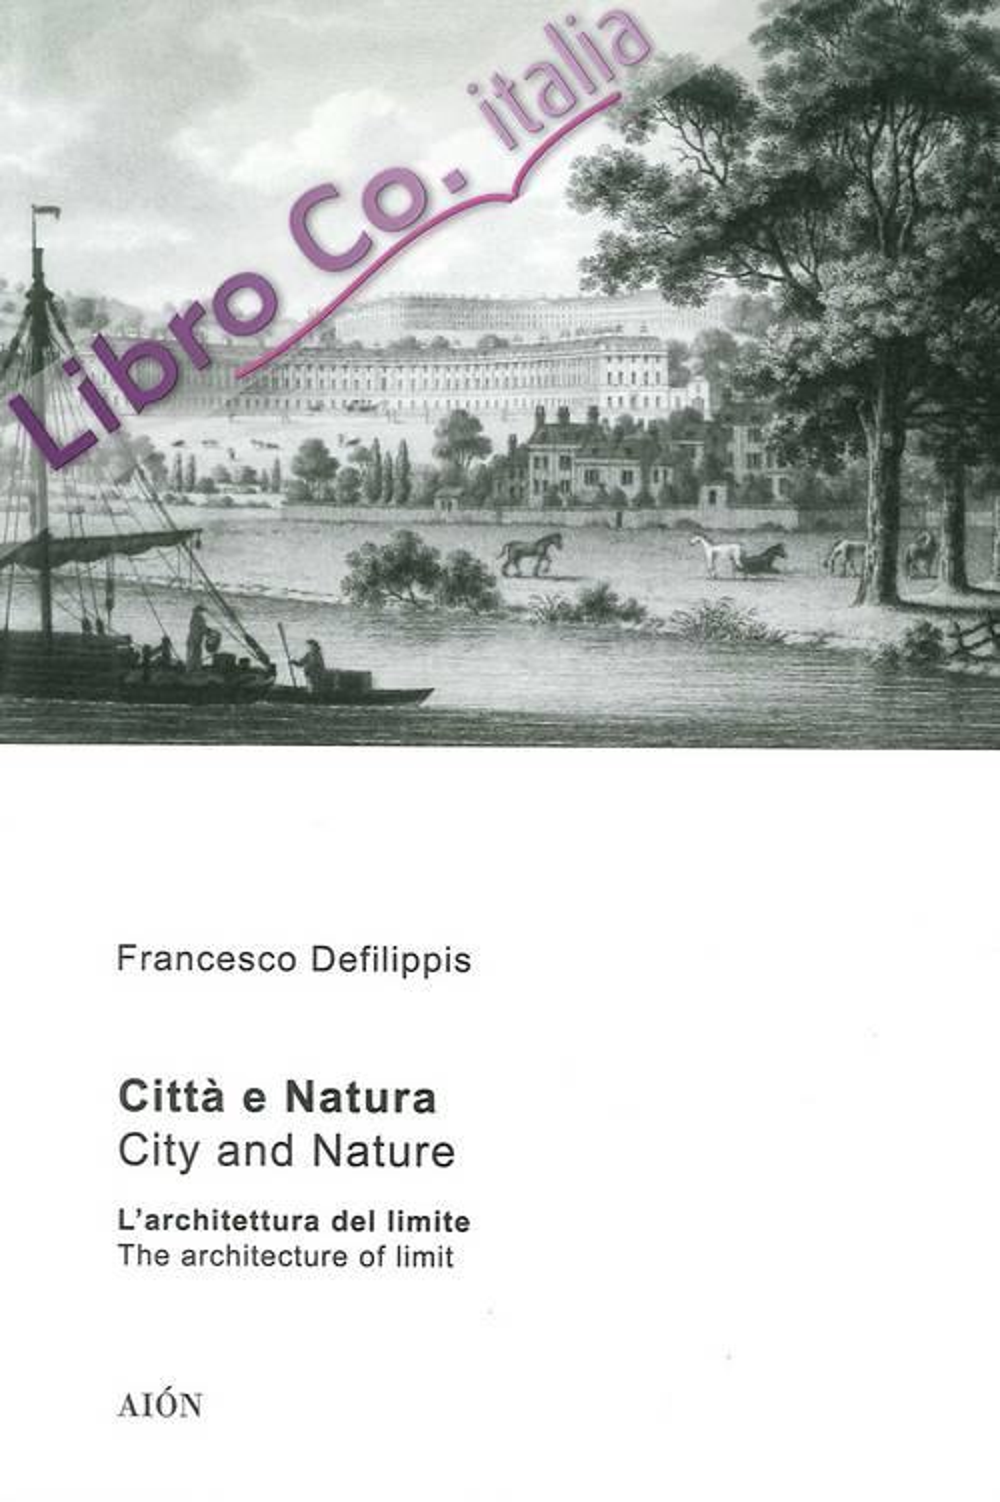 Città e Natura. L'Architettura del Limite. City and Nature. the Architecture of Limit